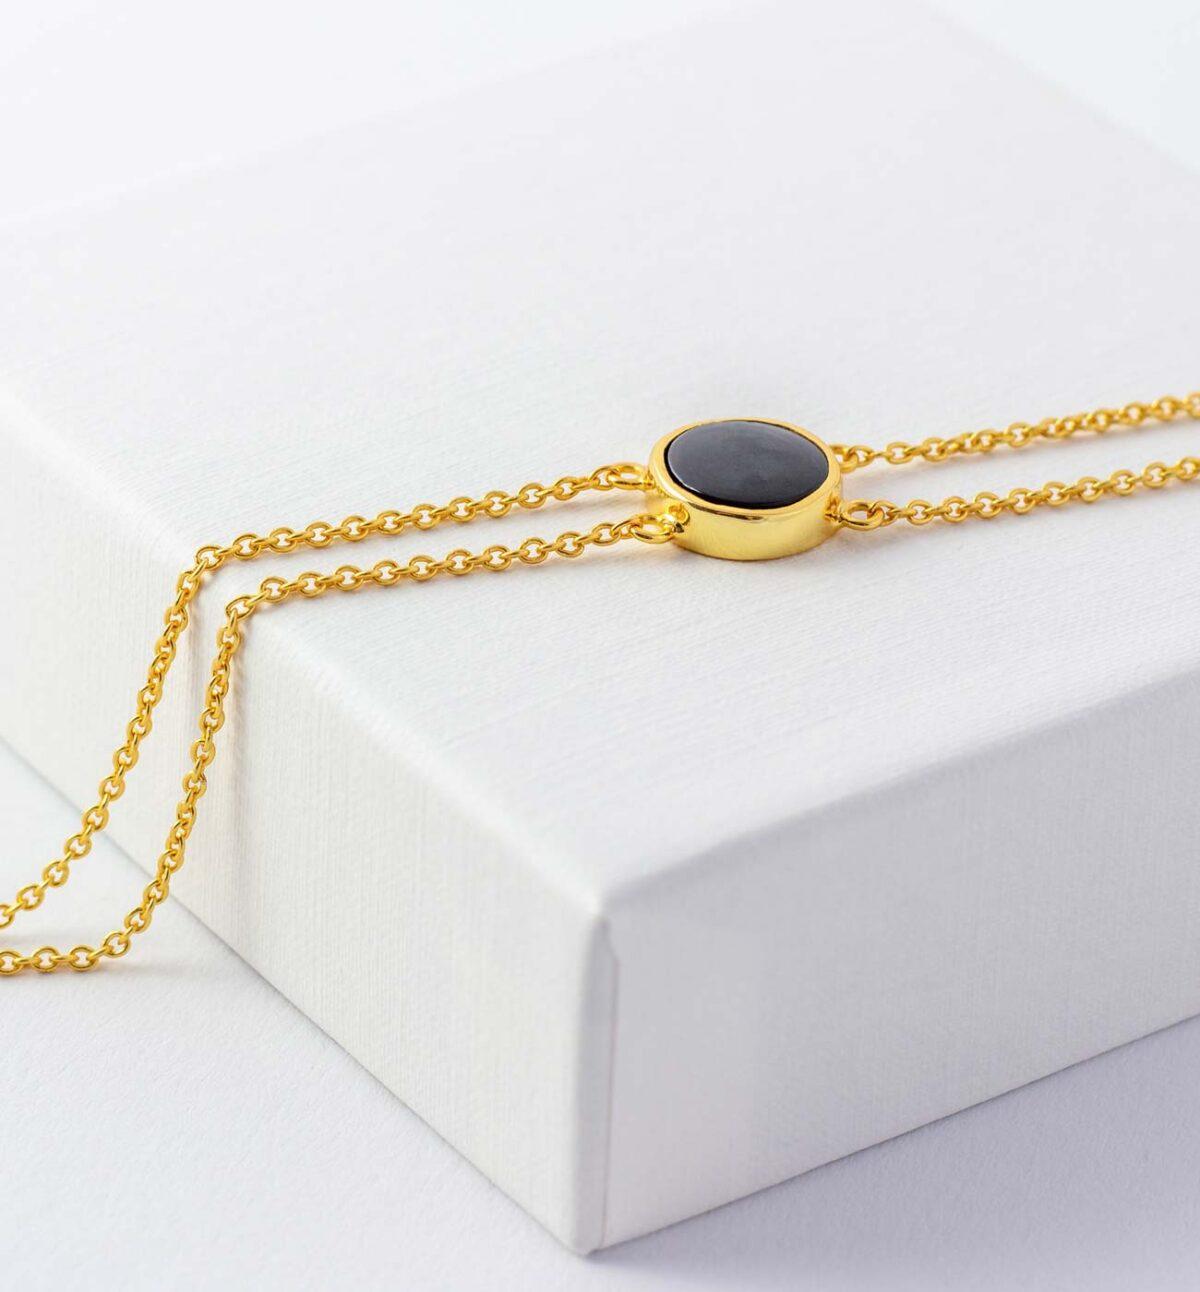 Armband mit Peace Symbol und schwarzem Onyx